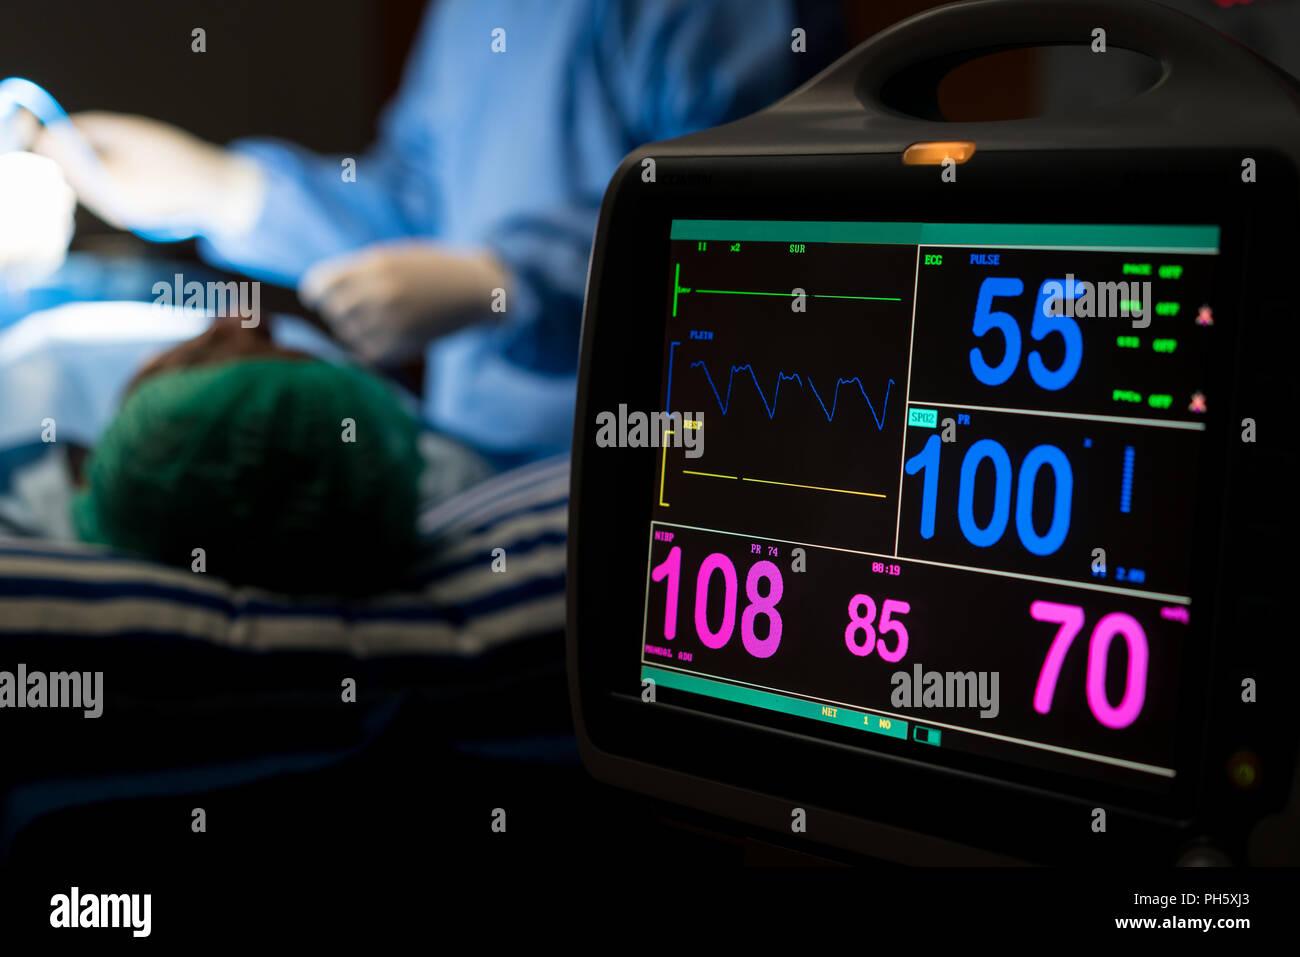 Electrocardiograma en el hospital de cirugía de urgencias operativo mostrando frecuencia cardíaca del paciente con el equipo de cirujanos de desenfoque de fondo. Salud y medicin Imagen De Stock